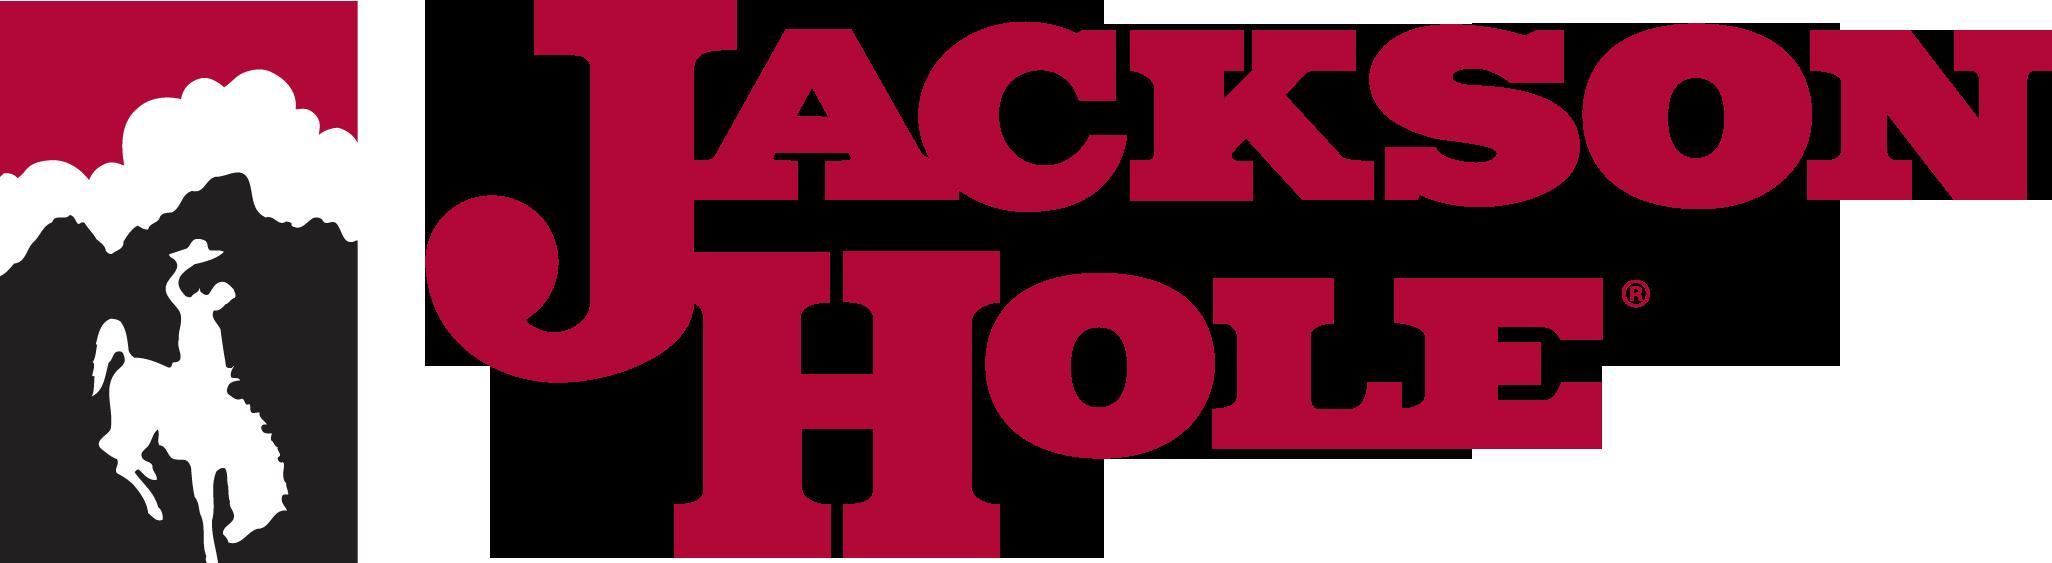 Jackson Hole logo